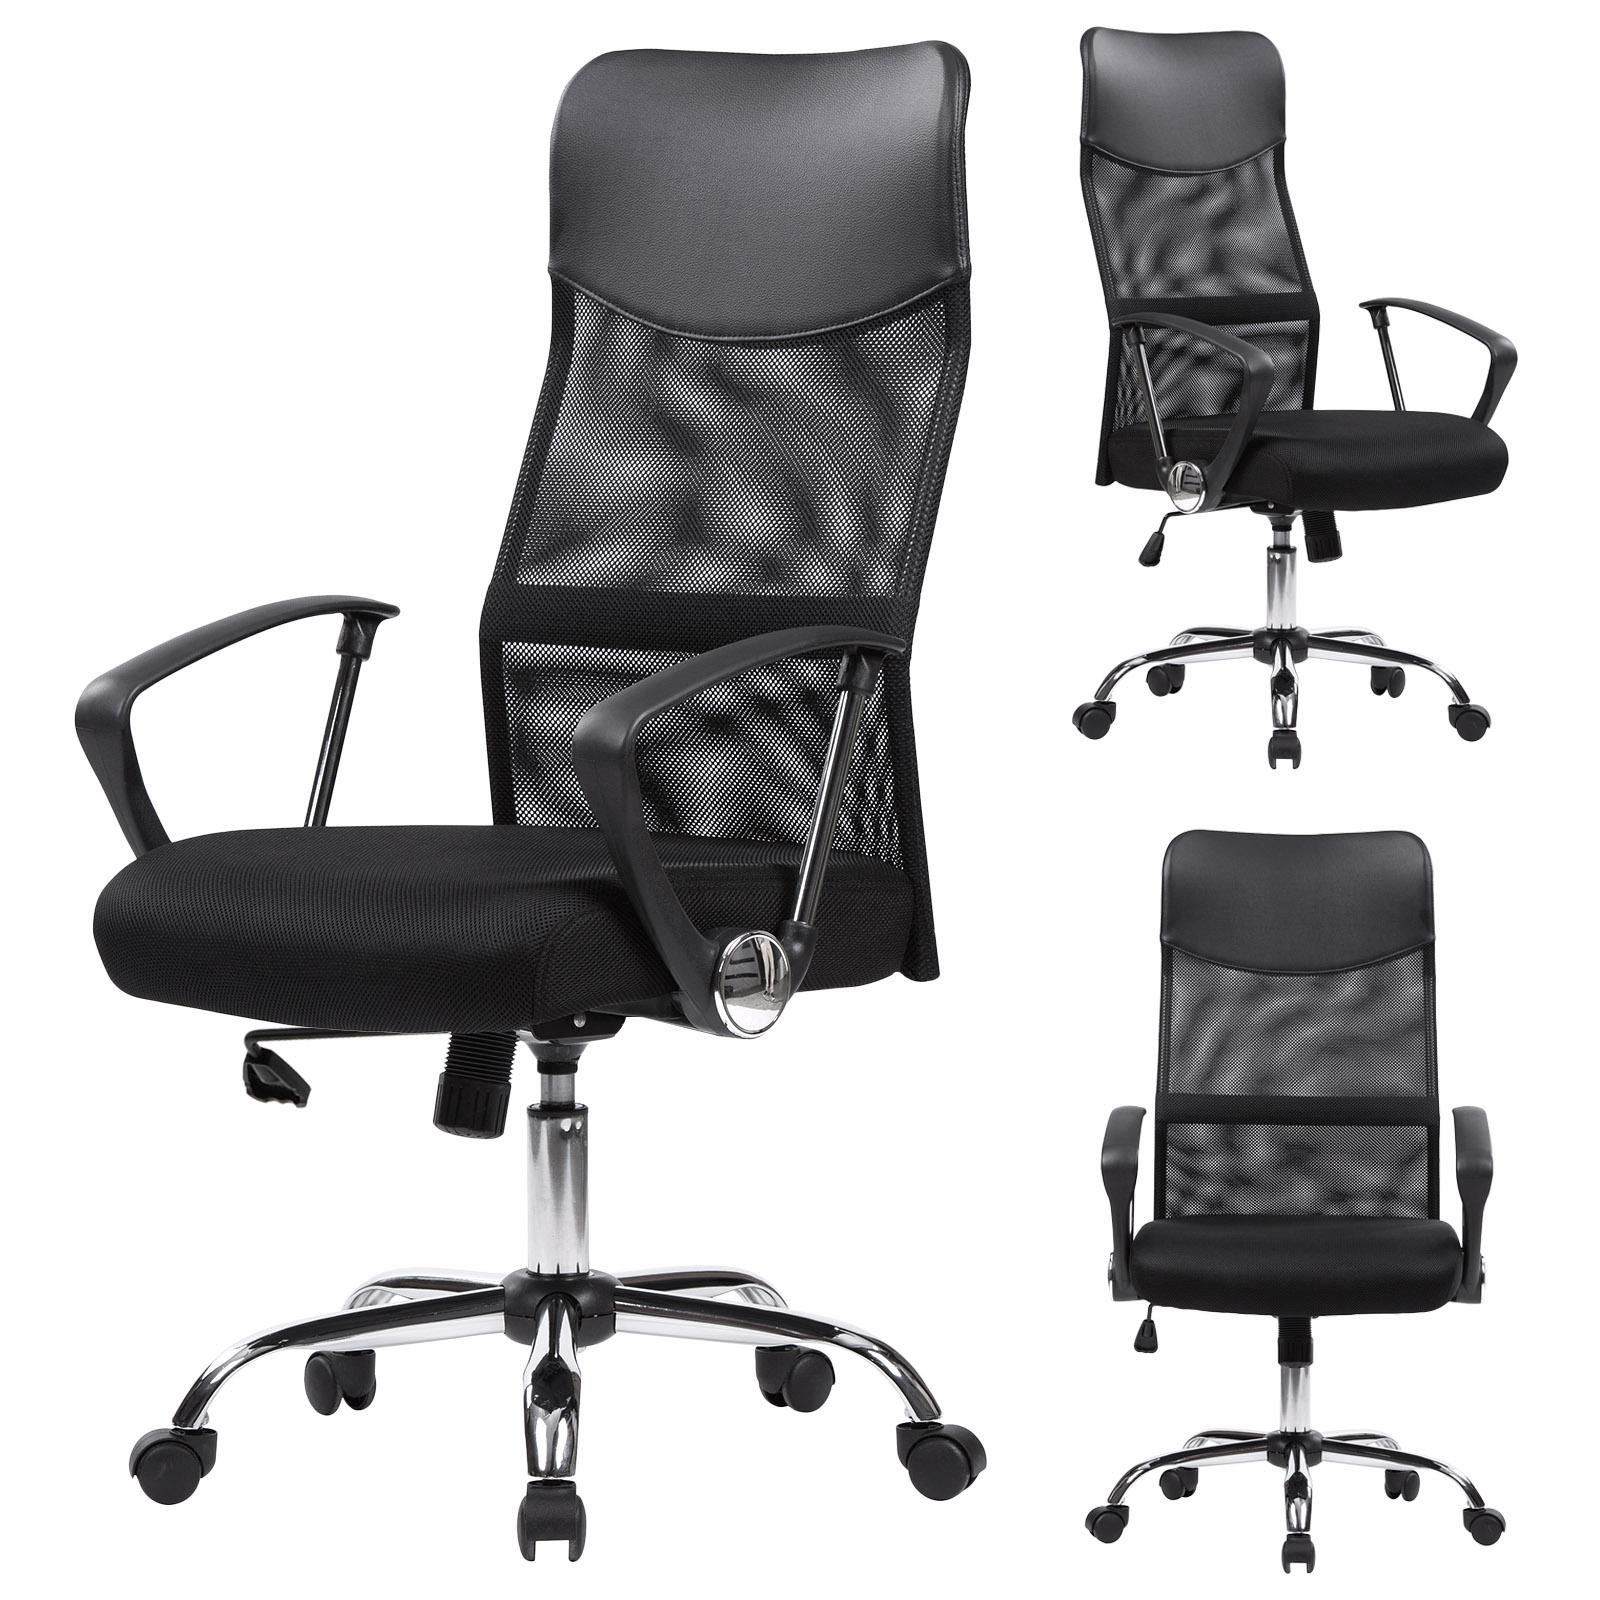 chaise de bureau pivotante en simili cuir linge nylon hauteur r glable f193 ebay. Black Bedroom Furniture Sets. Home Design Ideas